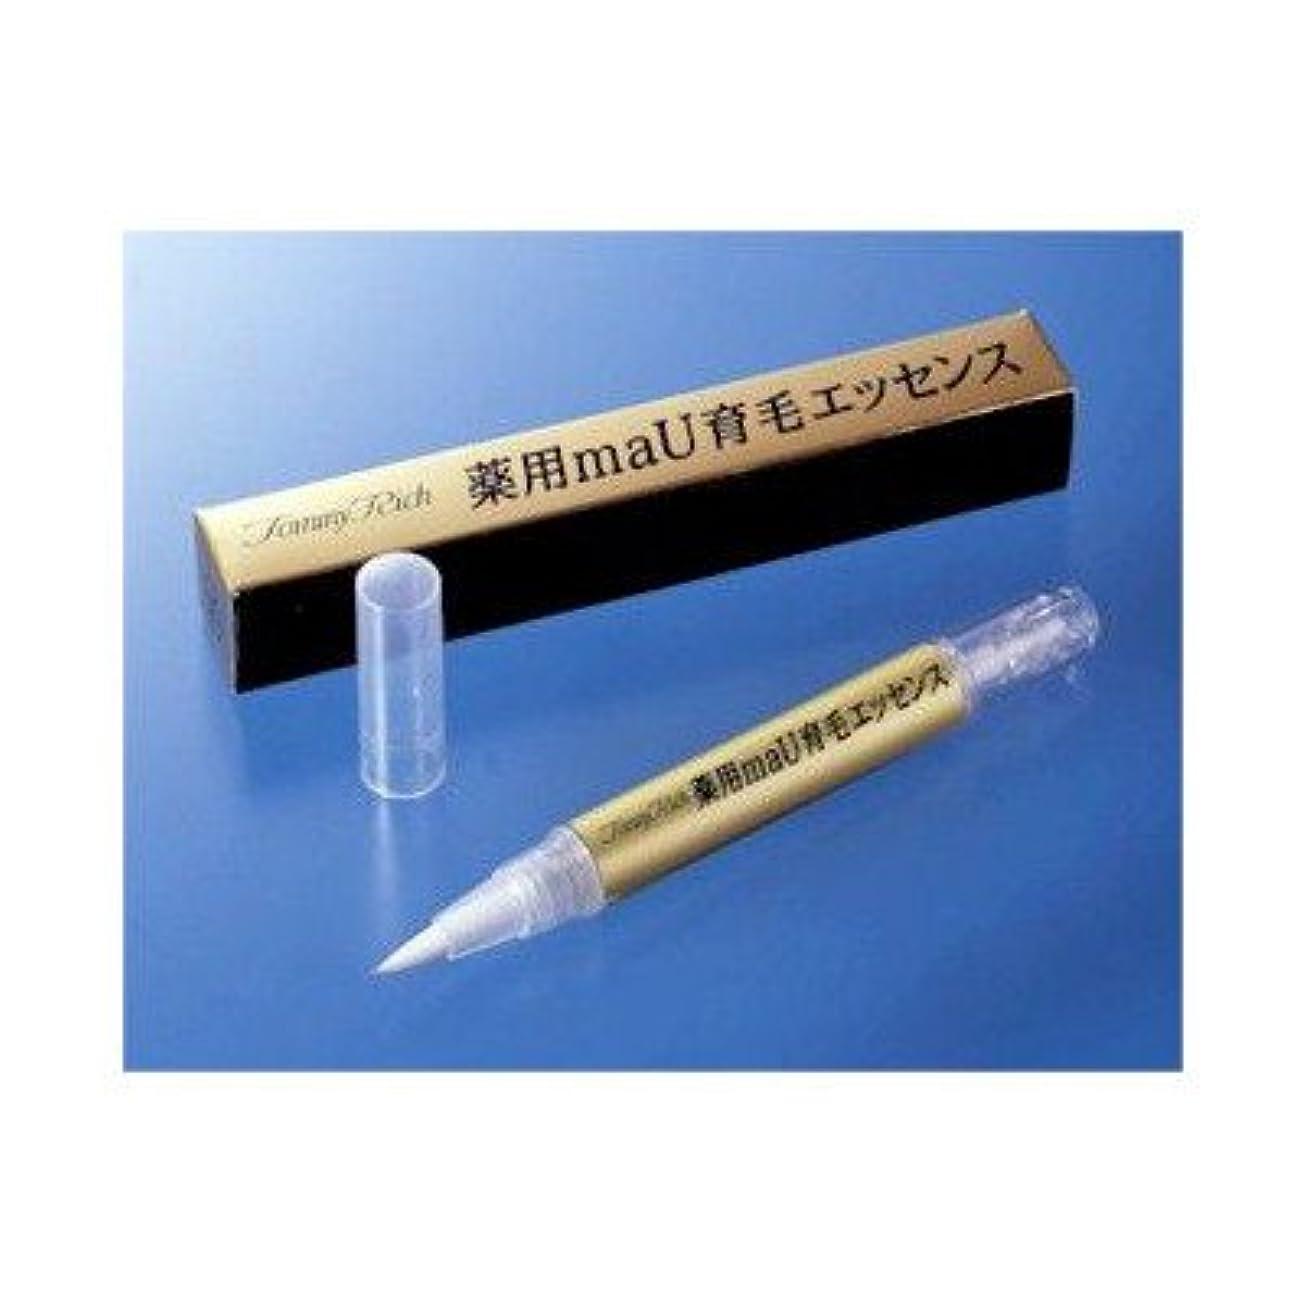 マオリひそかにキュービックトミーリッチ薬用maU育毛エッセンス(医薬部外品)2本セット